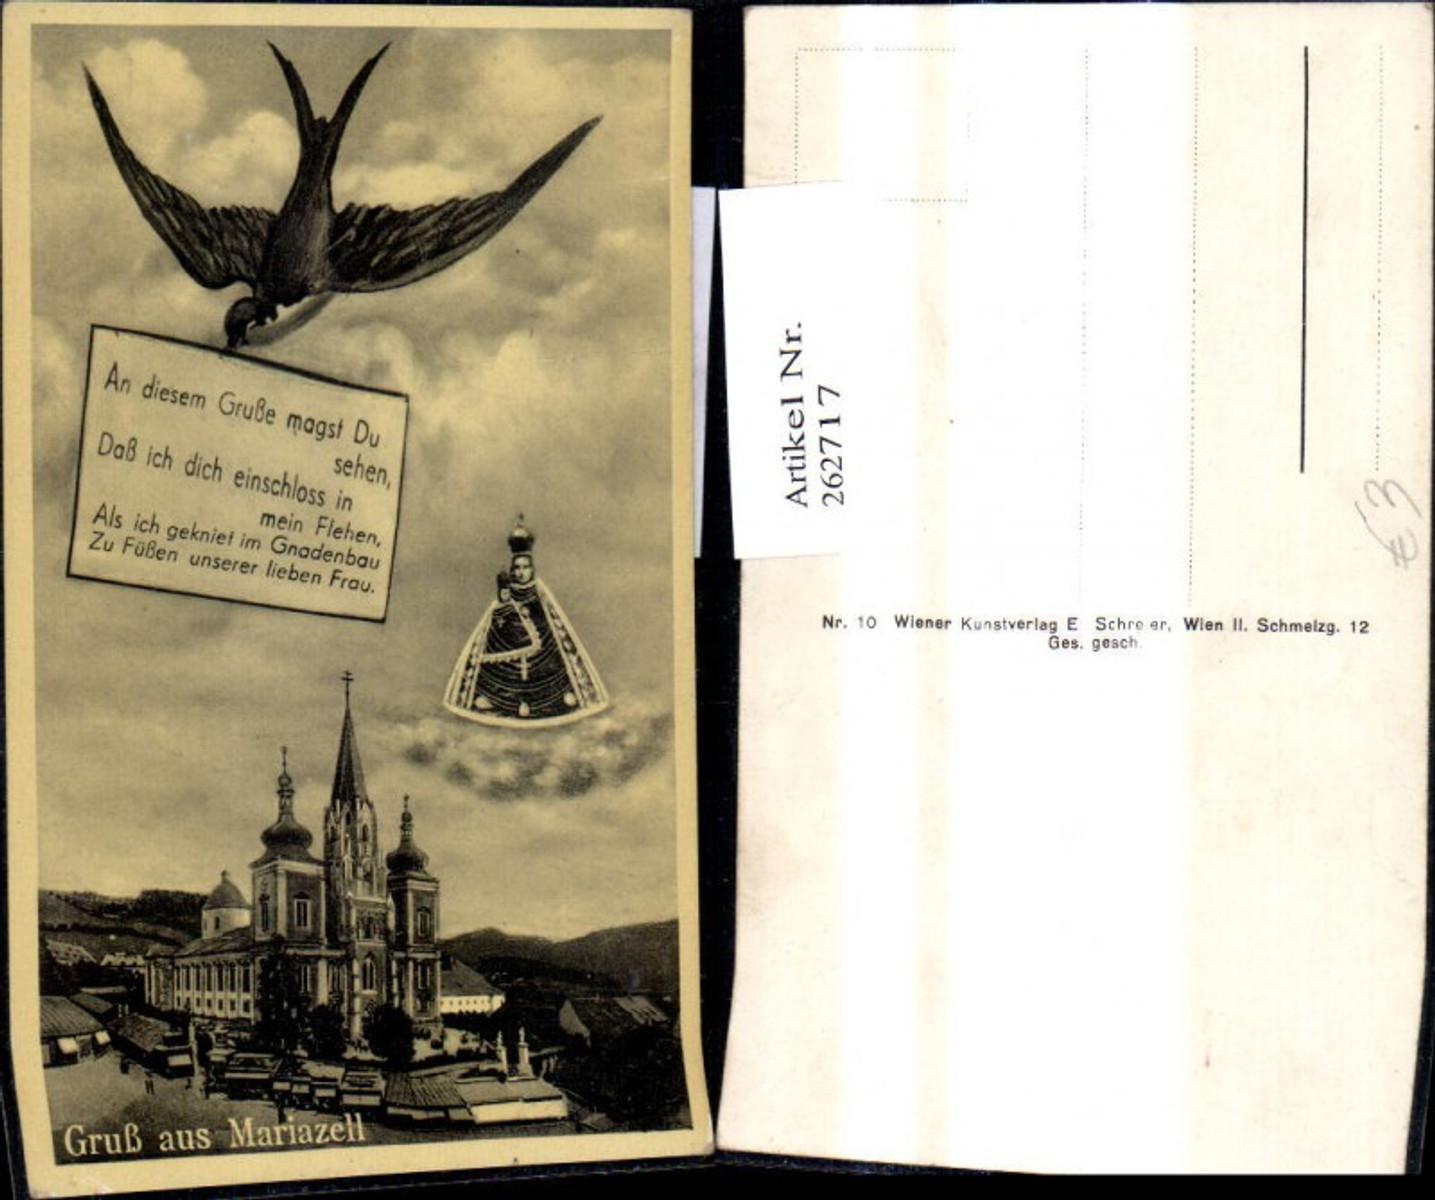 262717,Fotomontage Gruß a. Mariazell Kirche Schwalbe Spruch a. Schild Gnadenmutter  günstig online kaufen